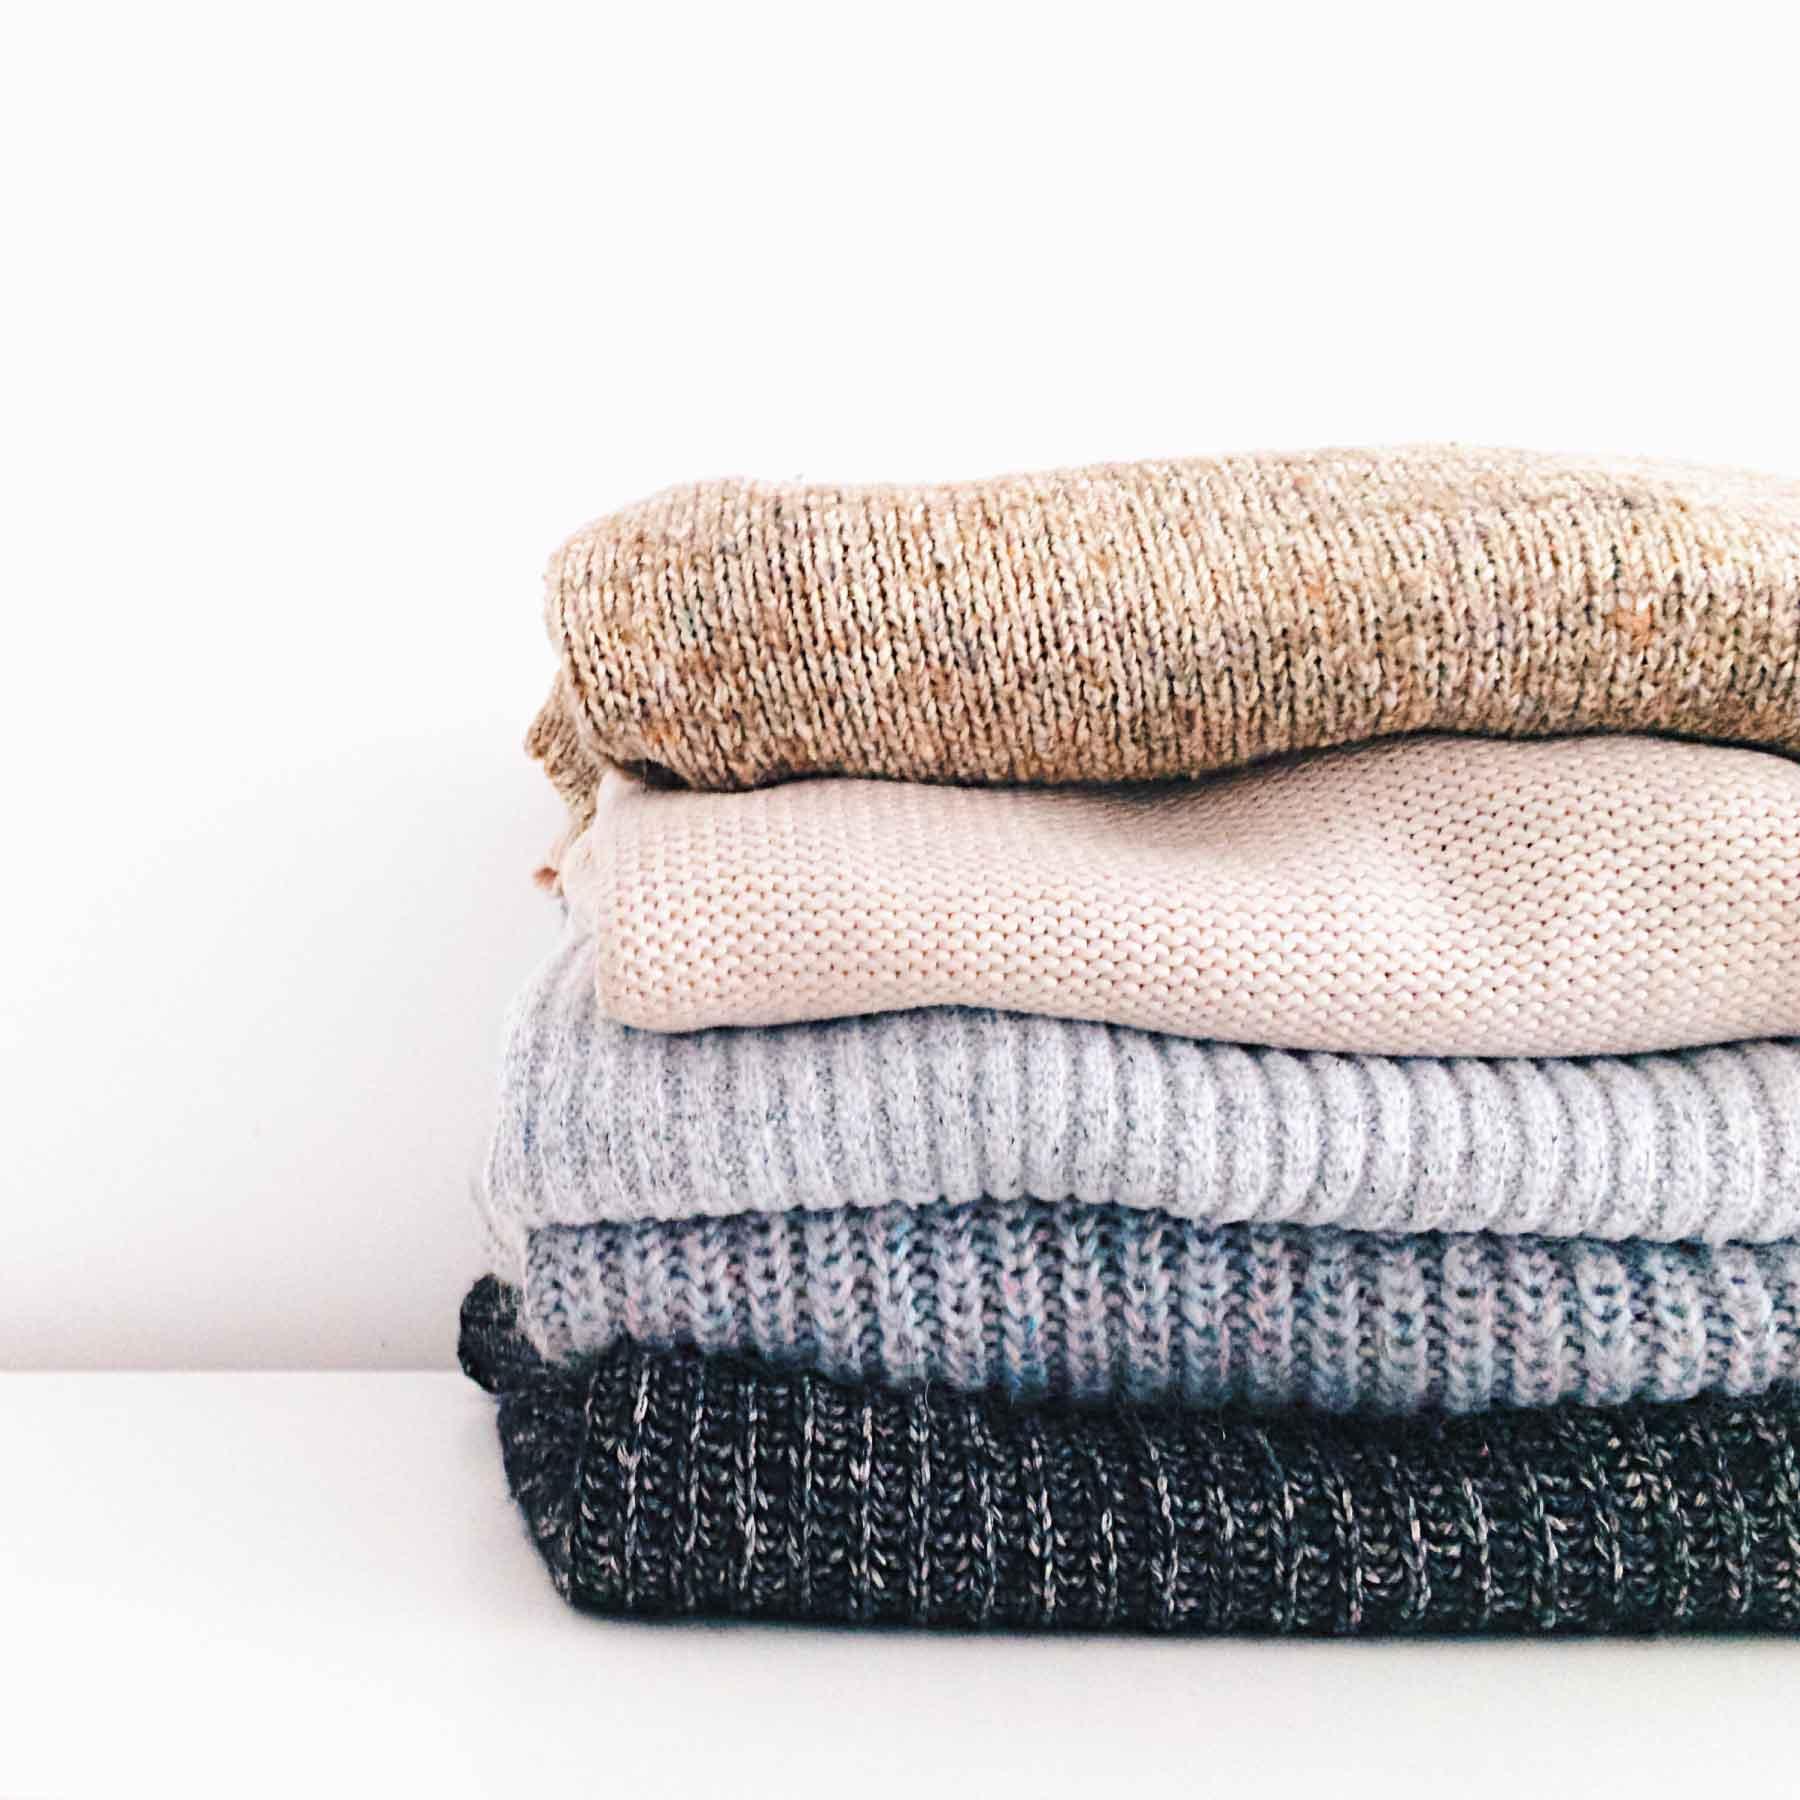 The Best Garment Steamer for Banishing Crinkles